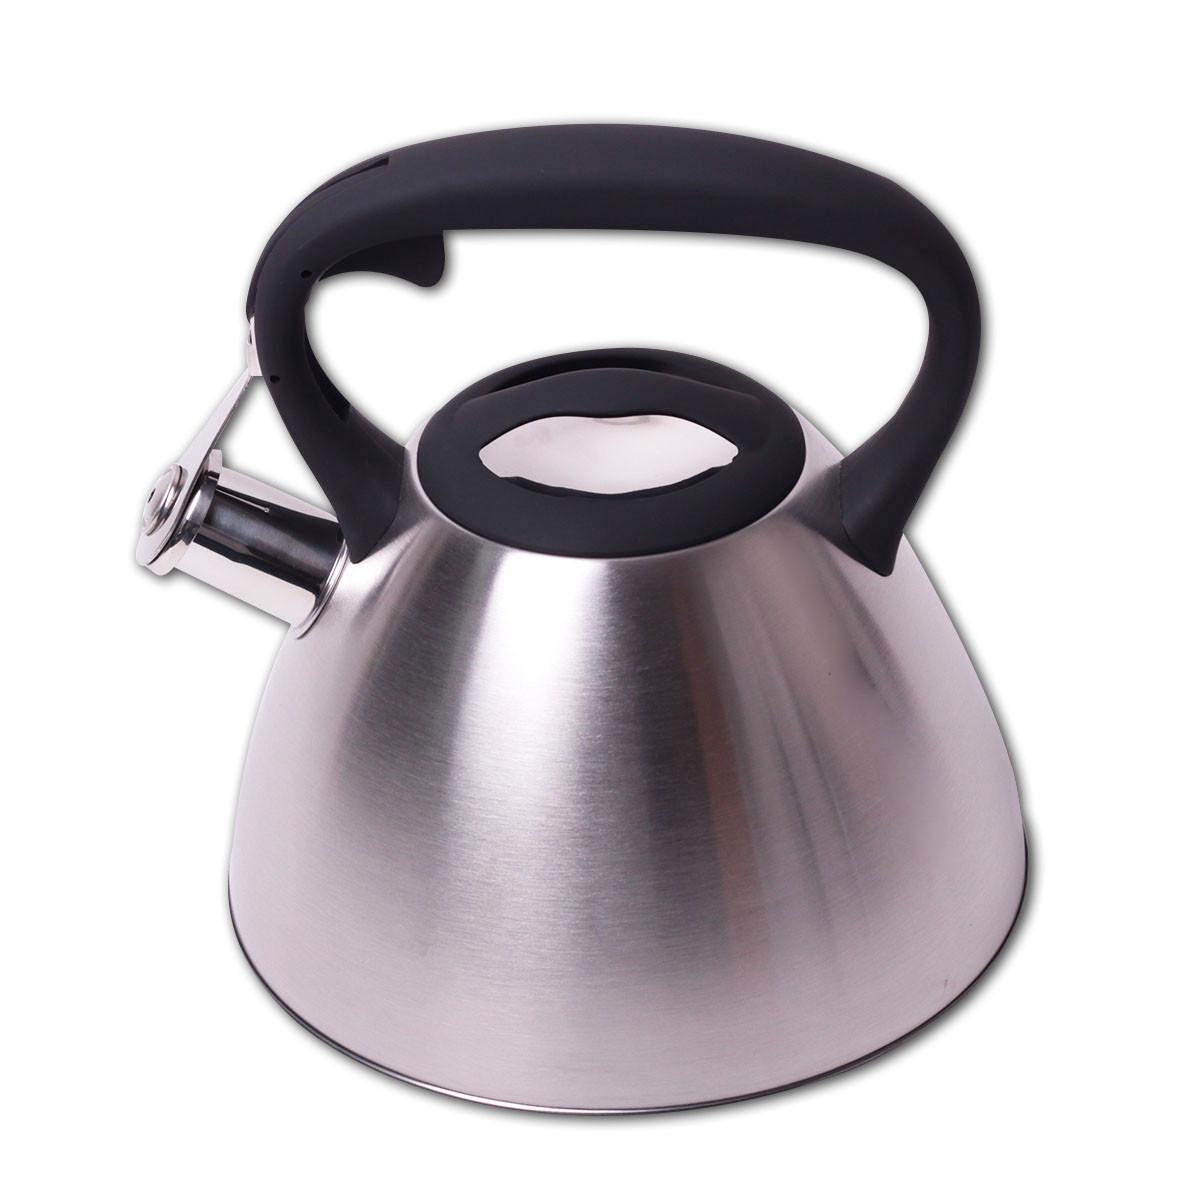 Чайник Kamille 3 л из нержавеющей стали со свистком для индукции